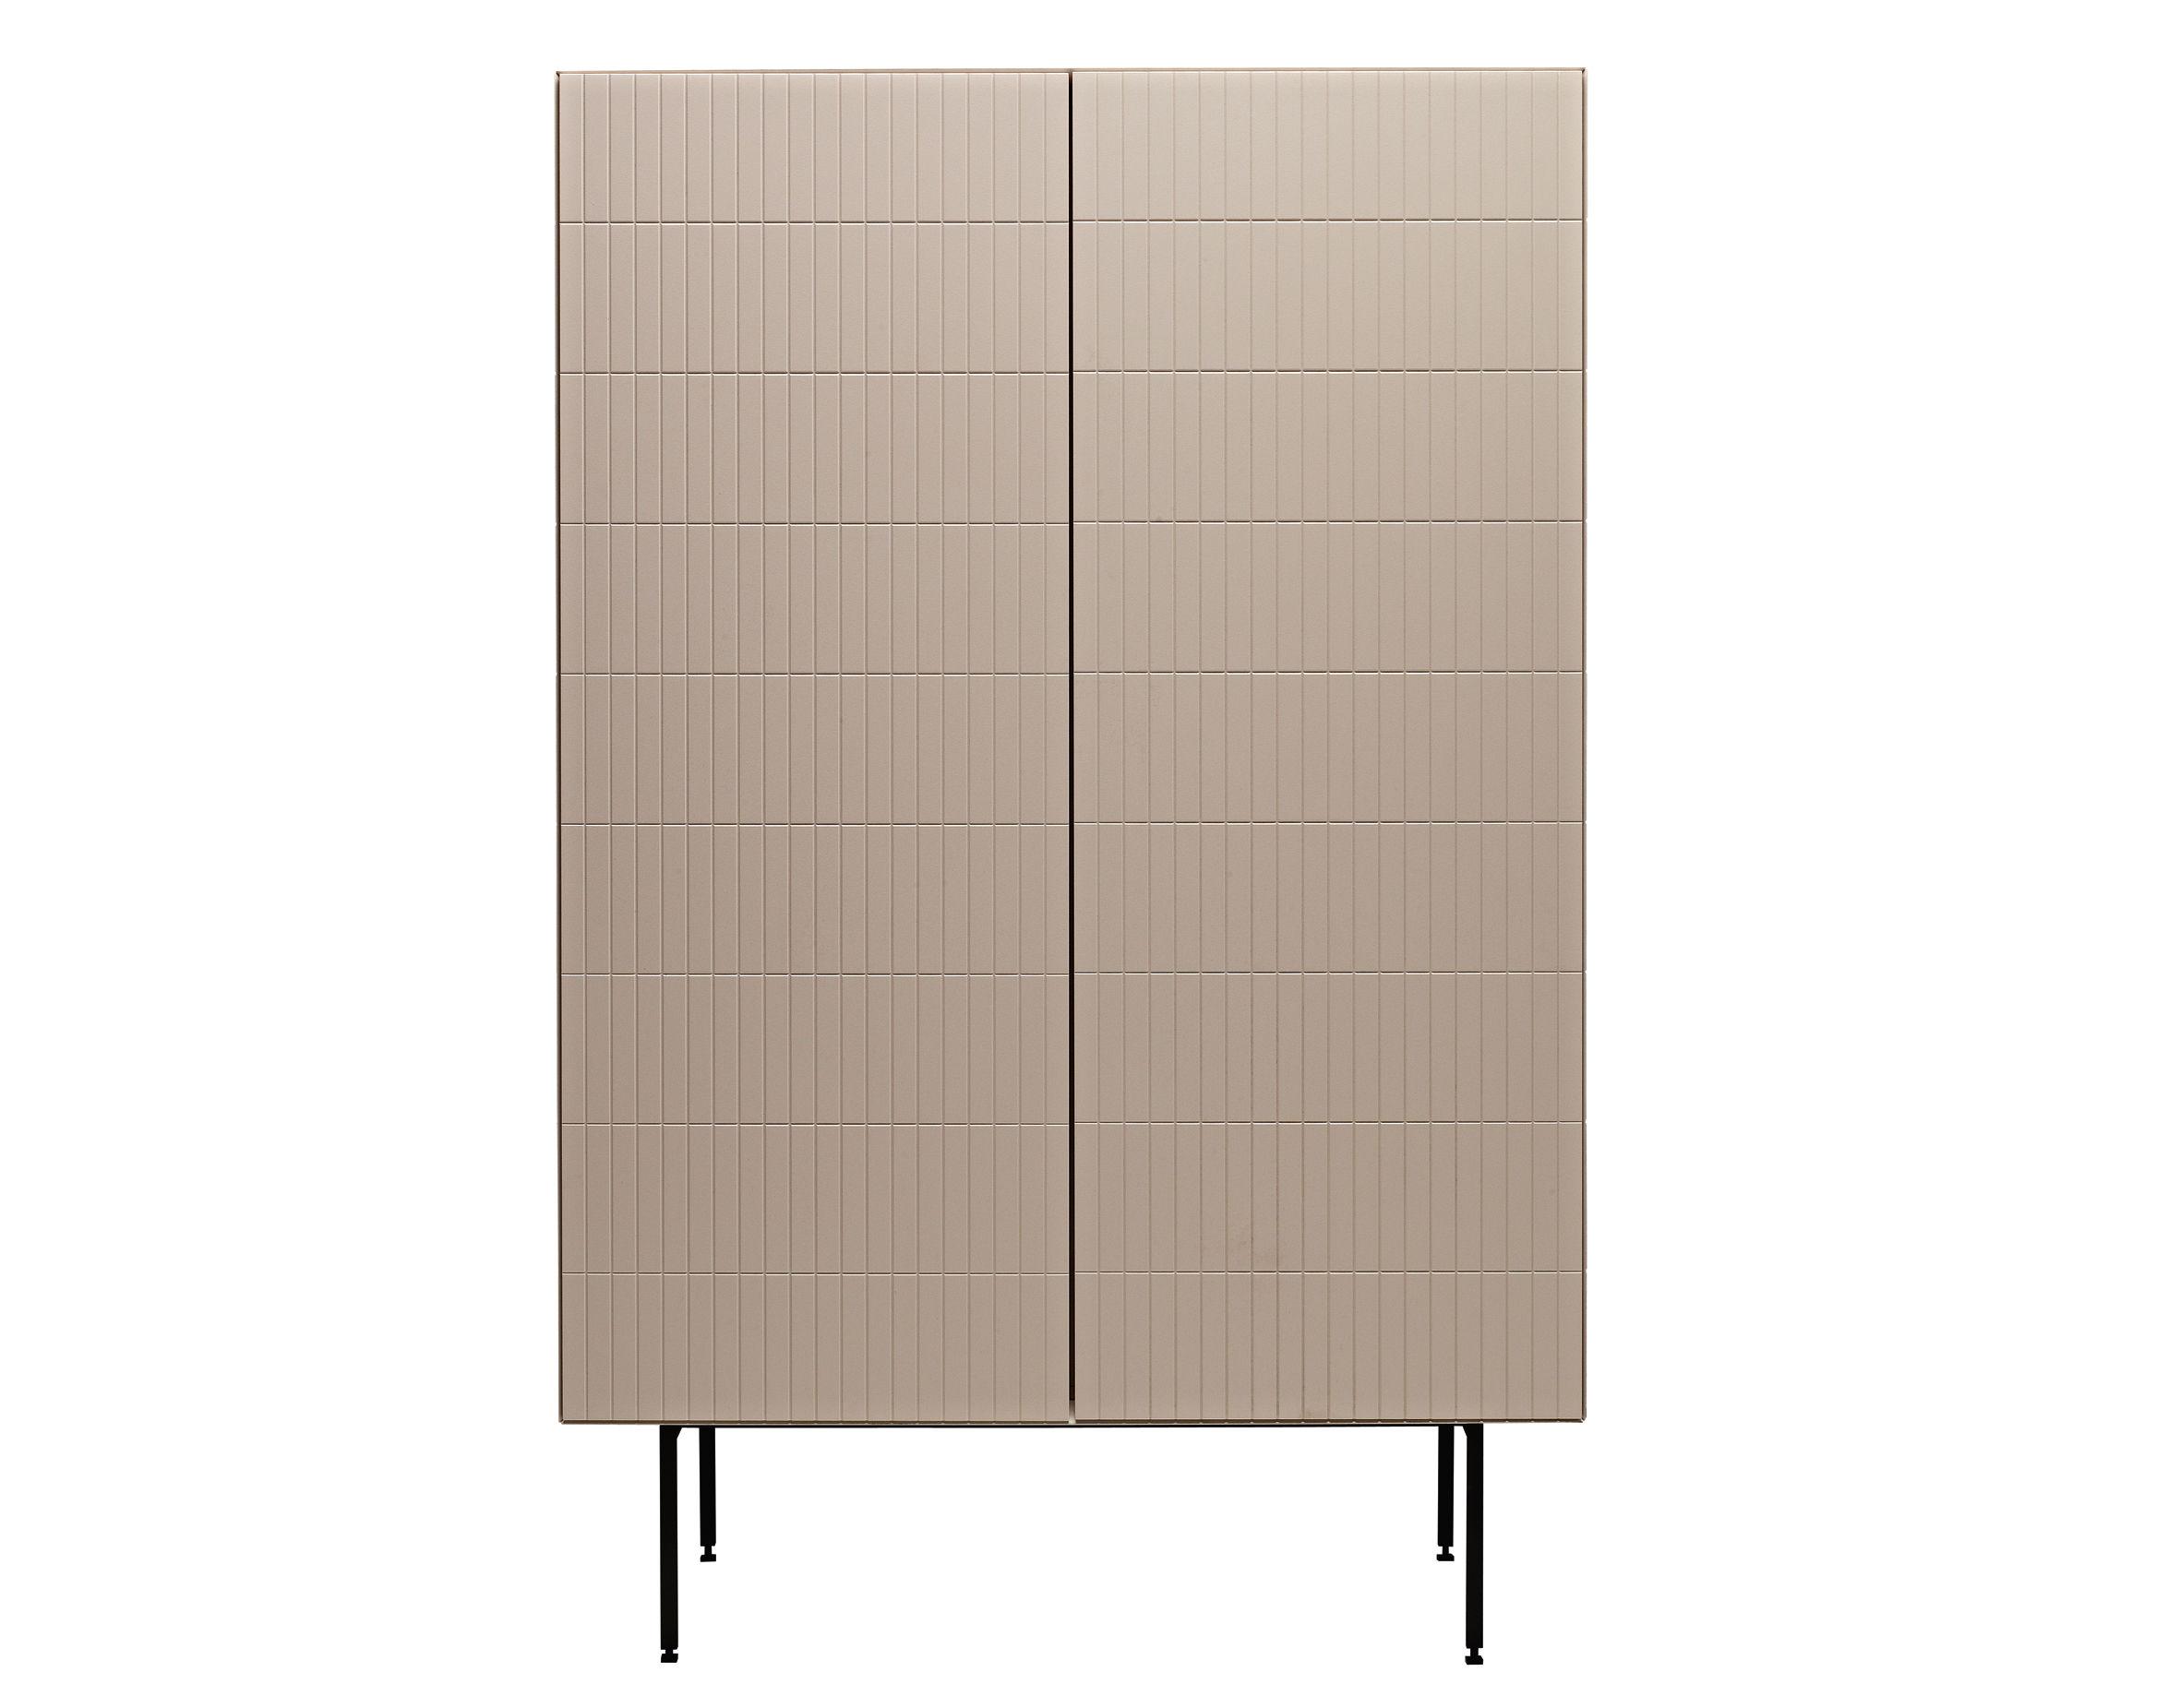 Möbel - Kommode und Anrichte - Toshi Schrank / Modell N° 5 - L 91 cm x H 140 cm, mit Füßen - Casamania - Hellgrau - lackierte Holzfaserplatte, Metall